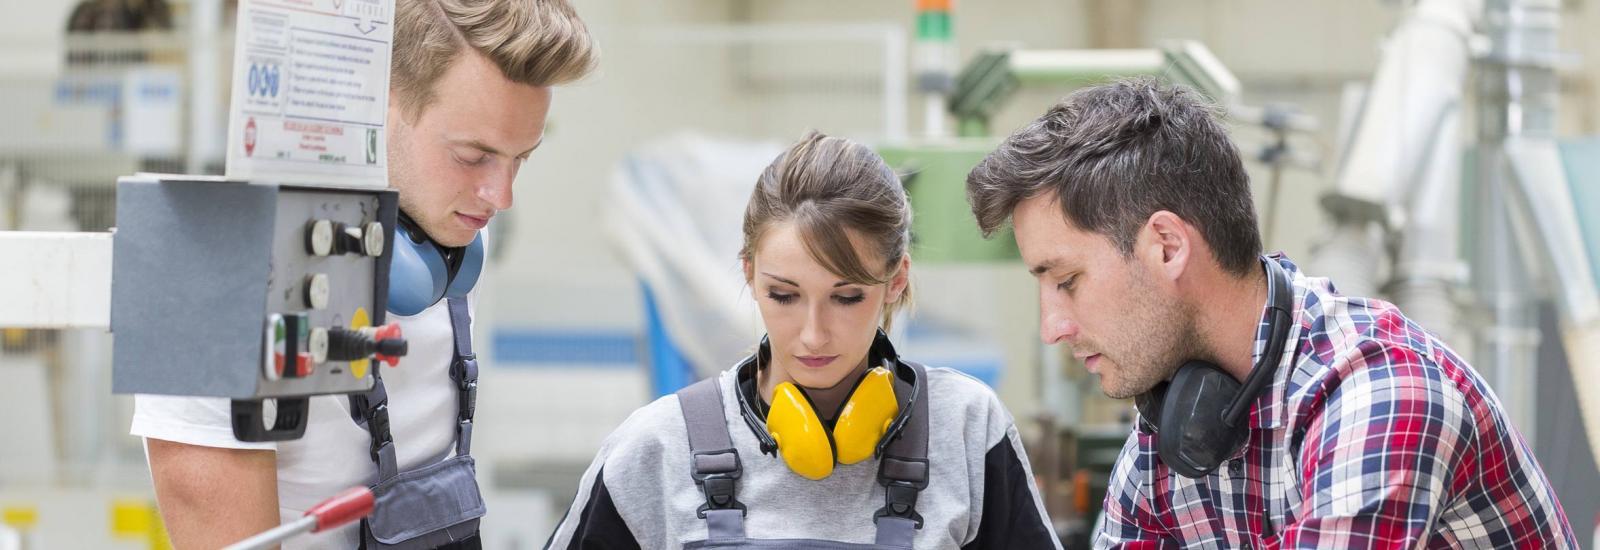 © Atelier 211 - L'Erasmus des apprentis offre la possibilité aux « étudiants des métiers » d'accomplir une mobilité longue.